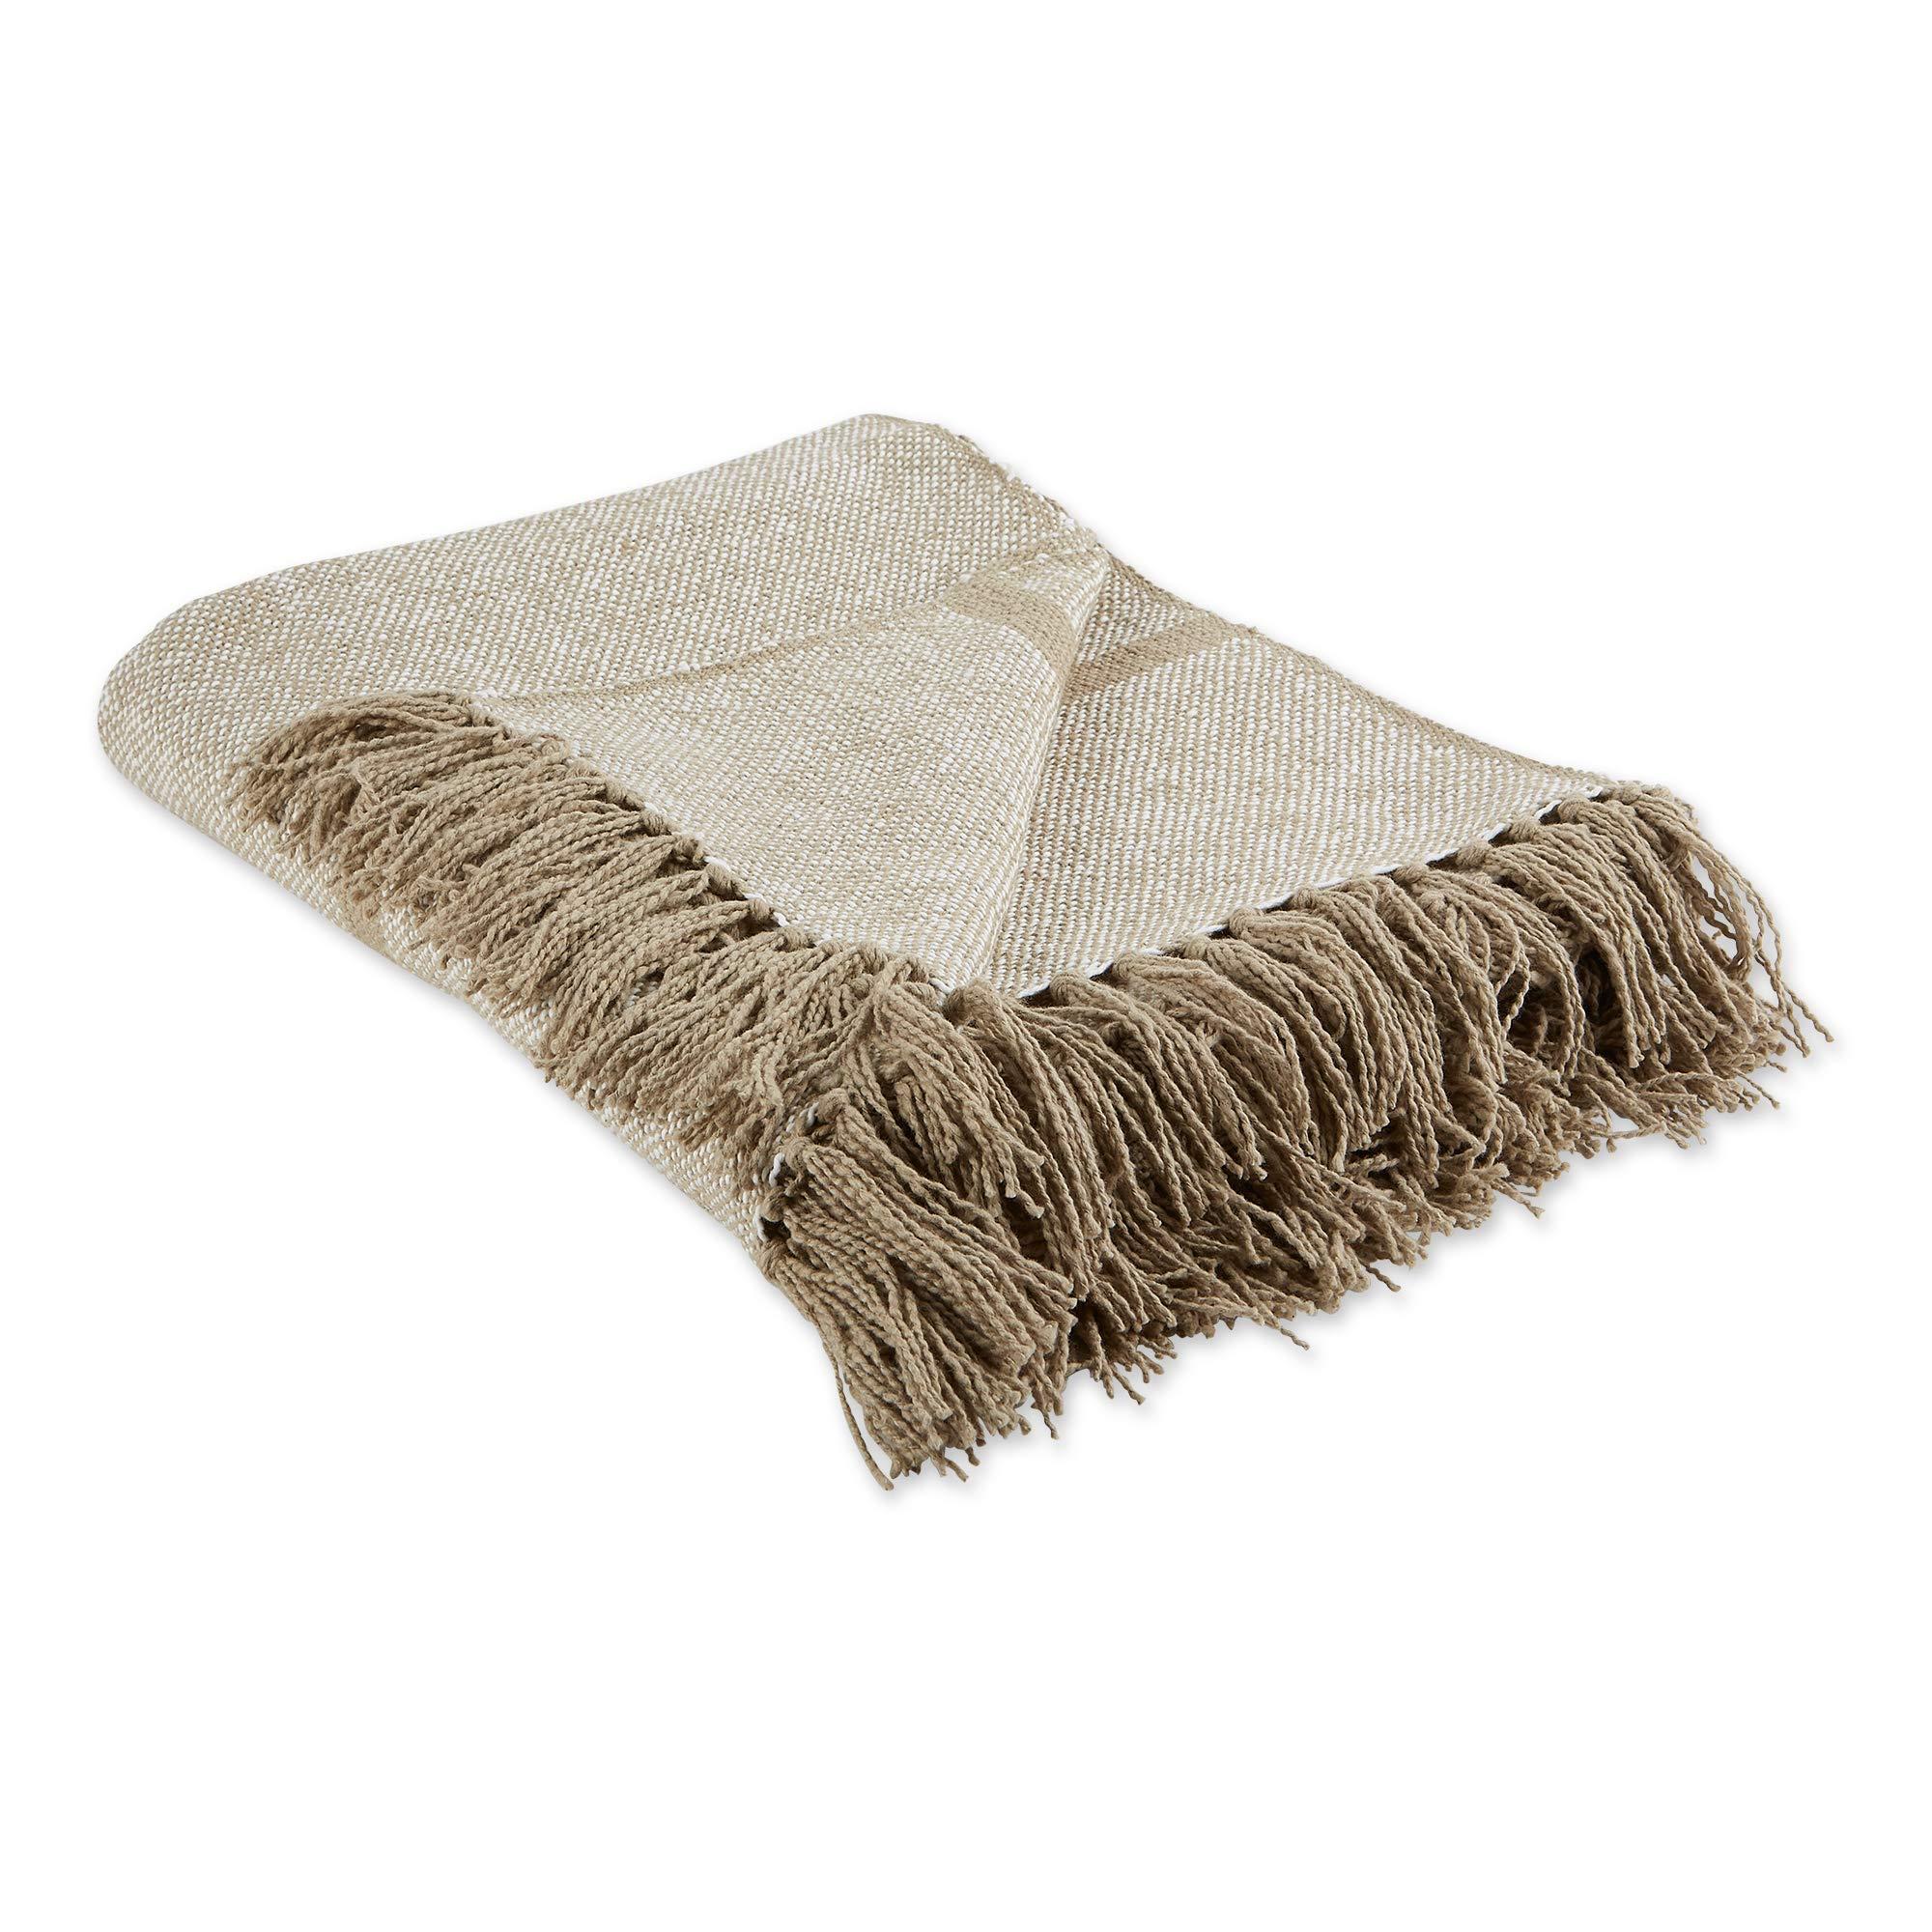 """DII Stone Stripe Homespun Woven Throw, 50x60"""" with 2.5"""" fringe,"""